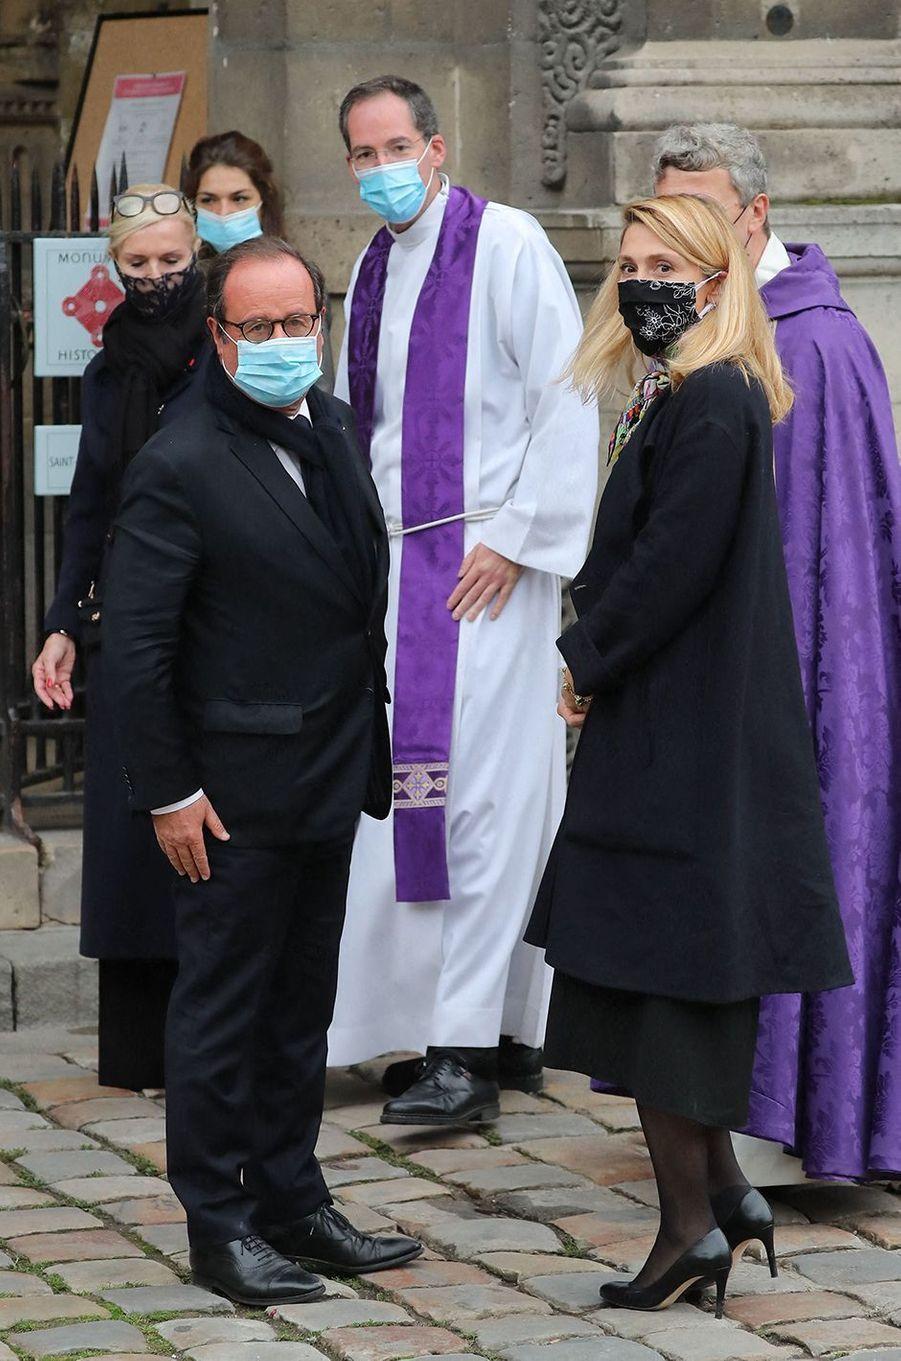 François Hollande et Julie Gayetaux obsèques de Juliette Gréco à Paris le 5 octobre 2020